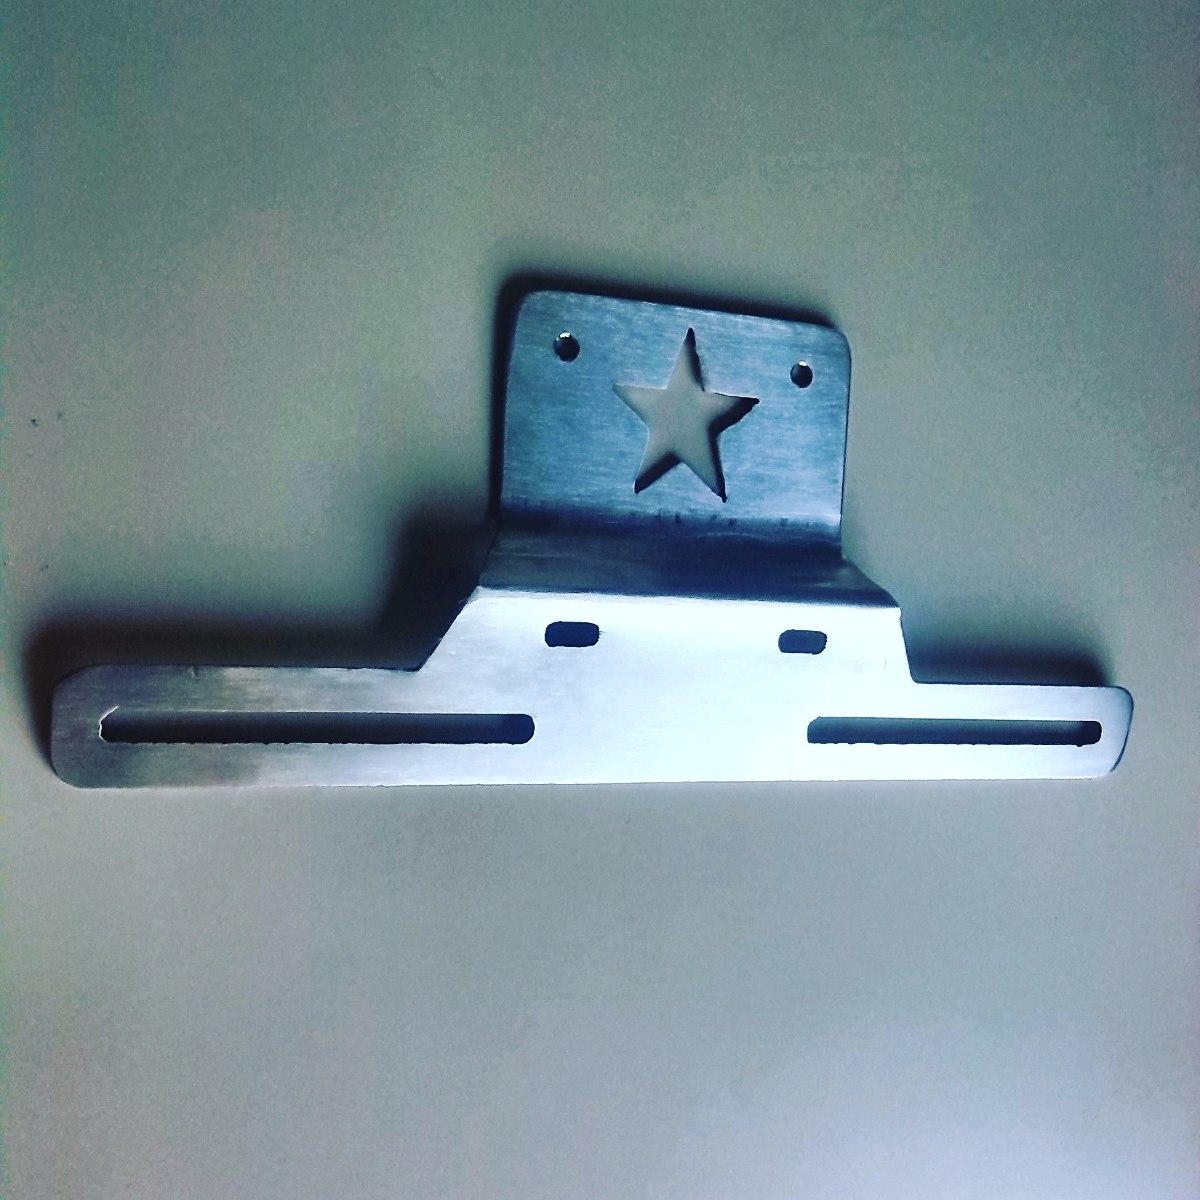 Base de porta placa rockstar acero inoxidable cnc tuning - Placa de acero inoxidable ...